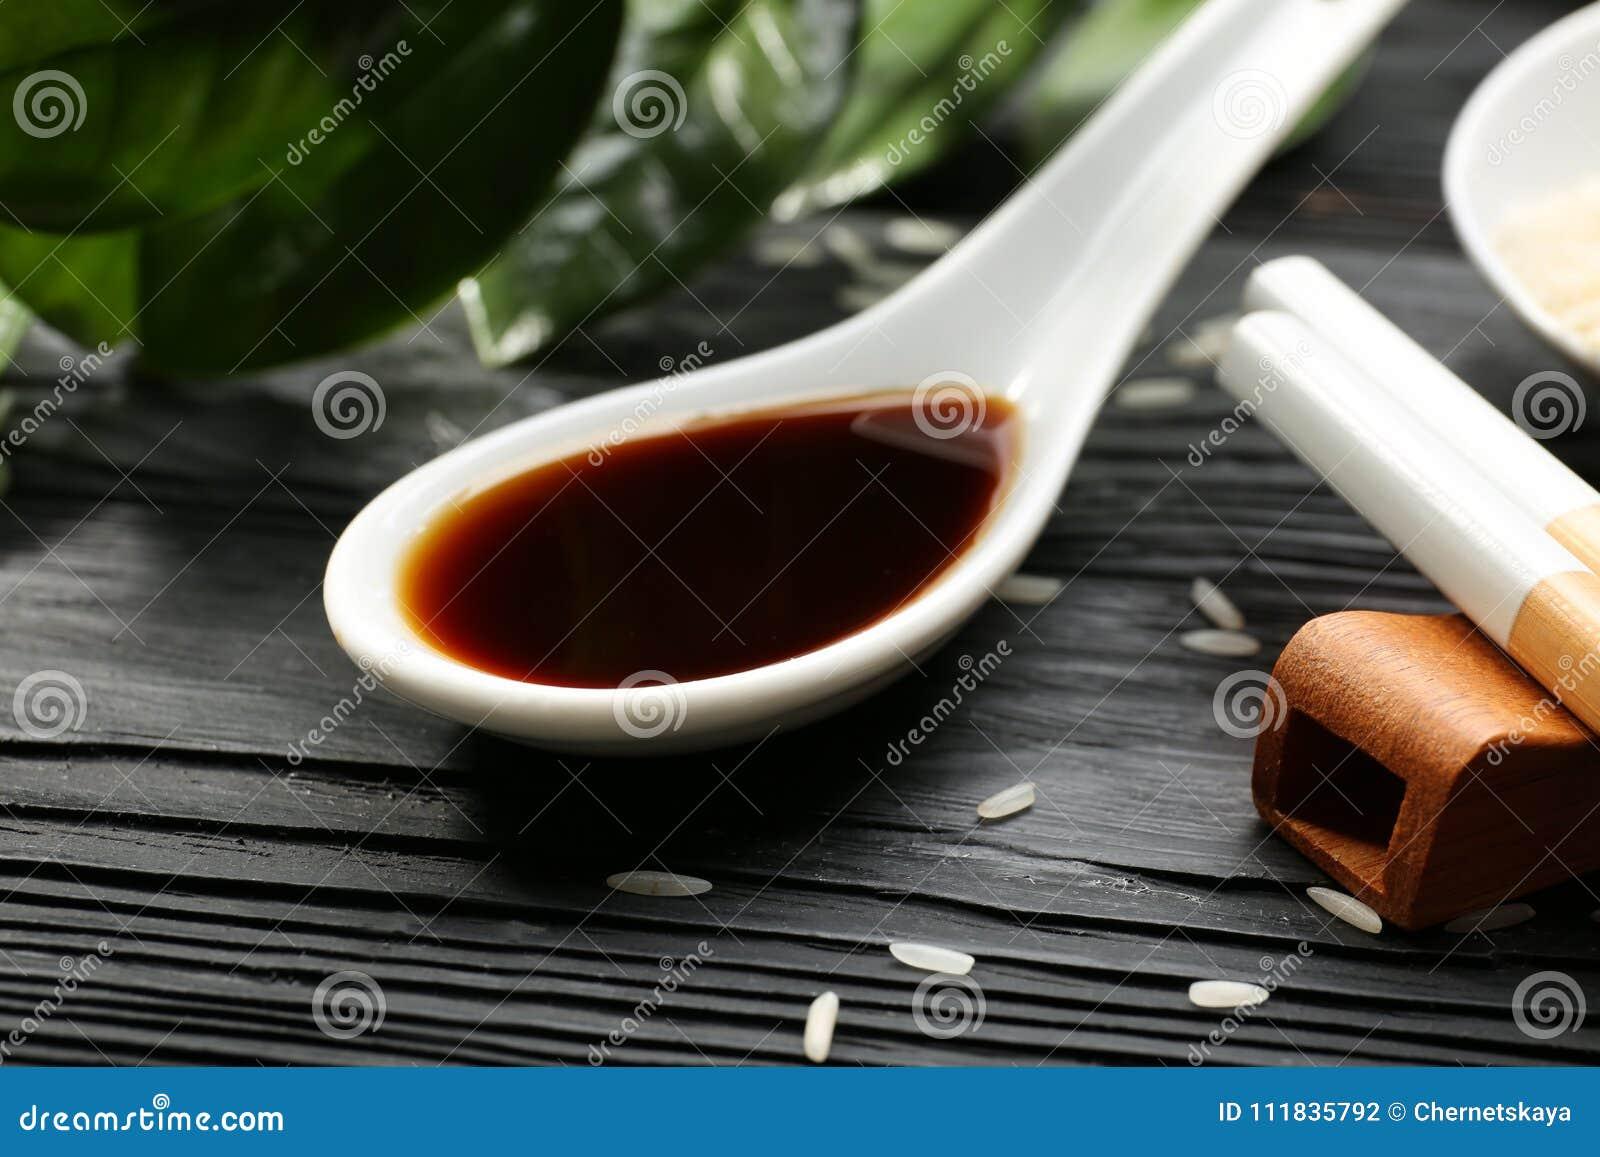 Cucchiaio con la salsa di soia saporita sulla tavola di legno,